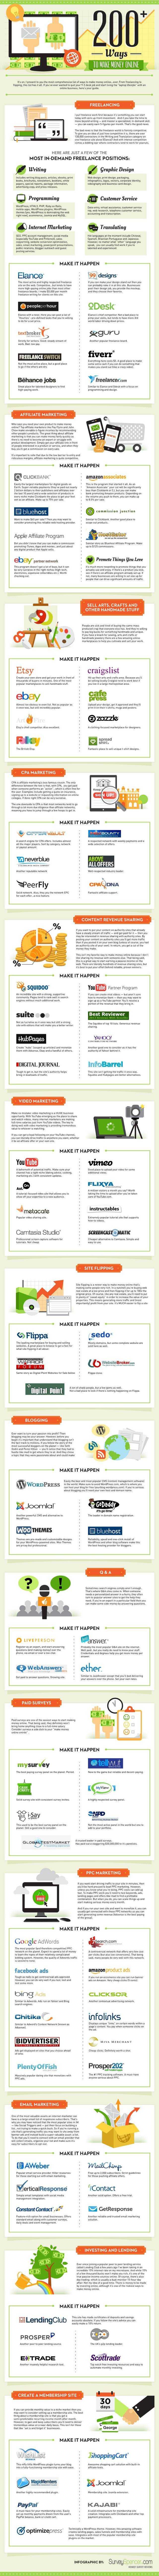 200 façons de gagner de l'argent en ligne